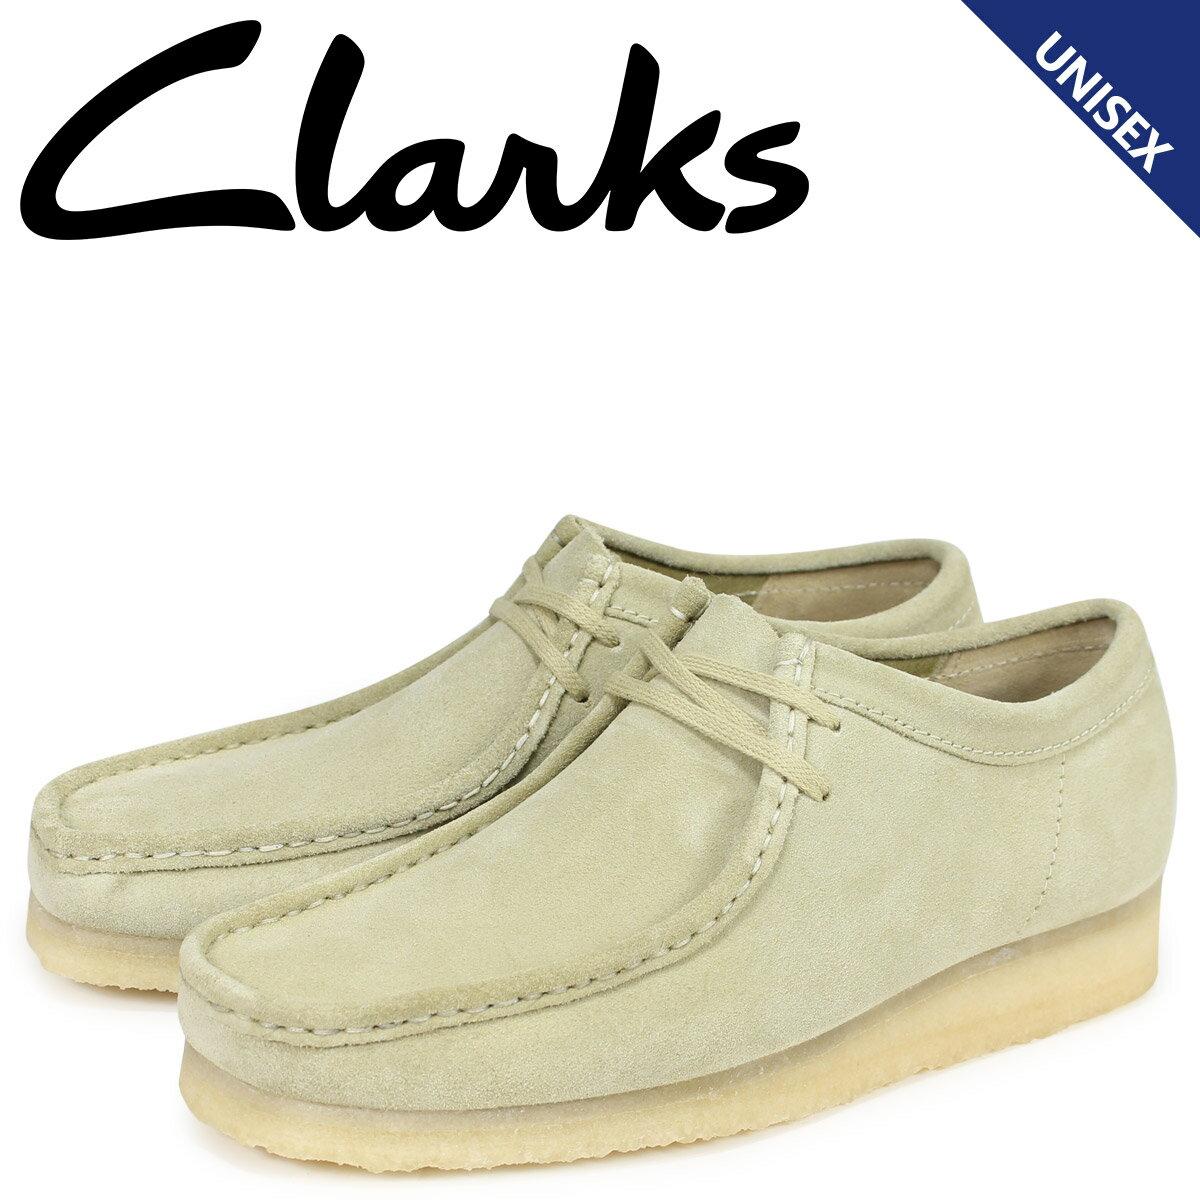 クラークス Clarks ワラビー ブーツ メンズ レディース WALLABEE メープルスエード ベージュ 26133278 [10月 再入荷]